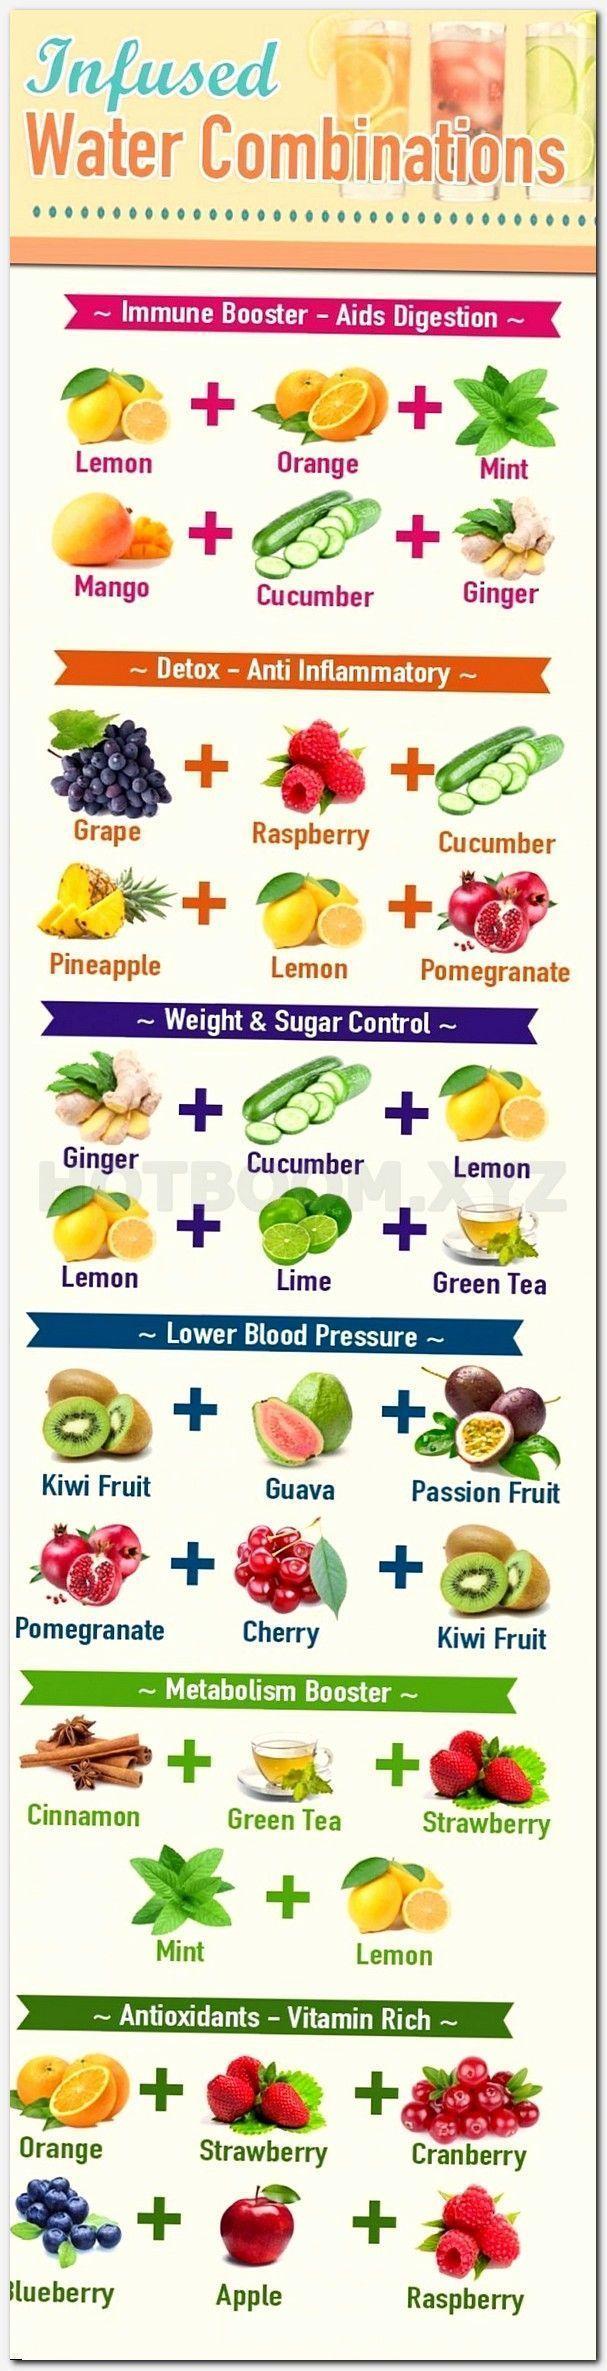 best diet plan to reduce weight quickly